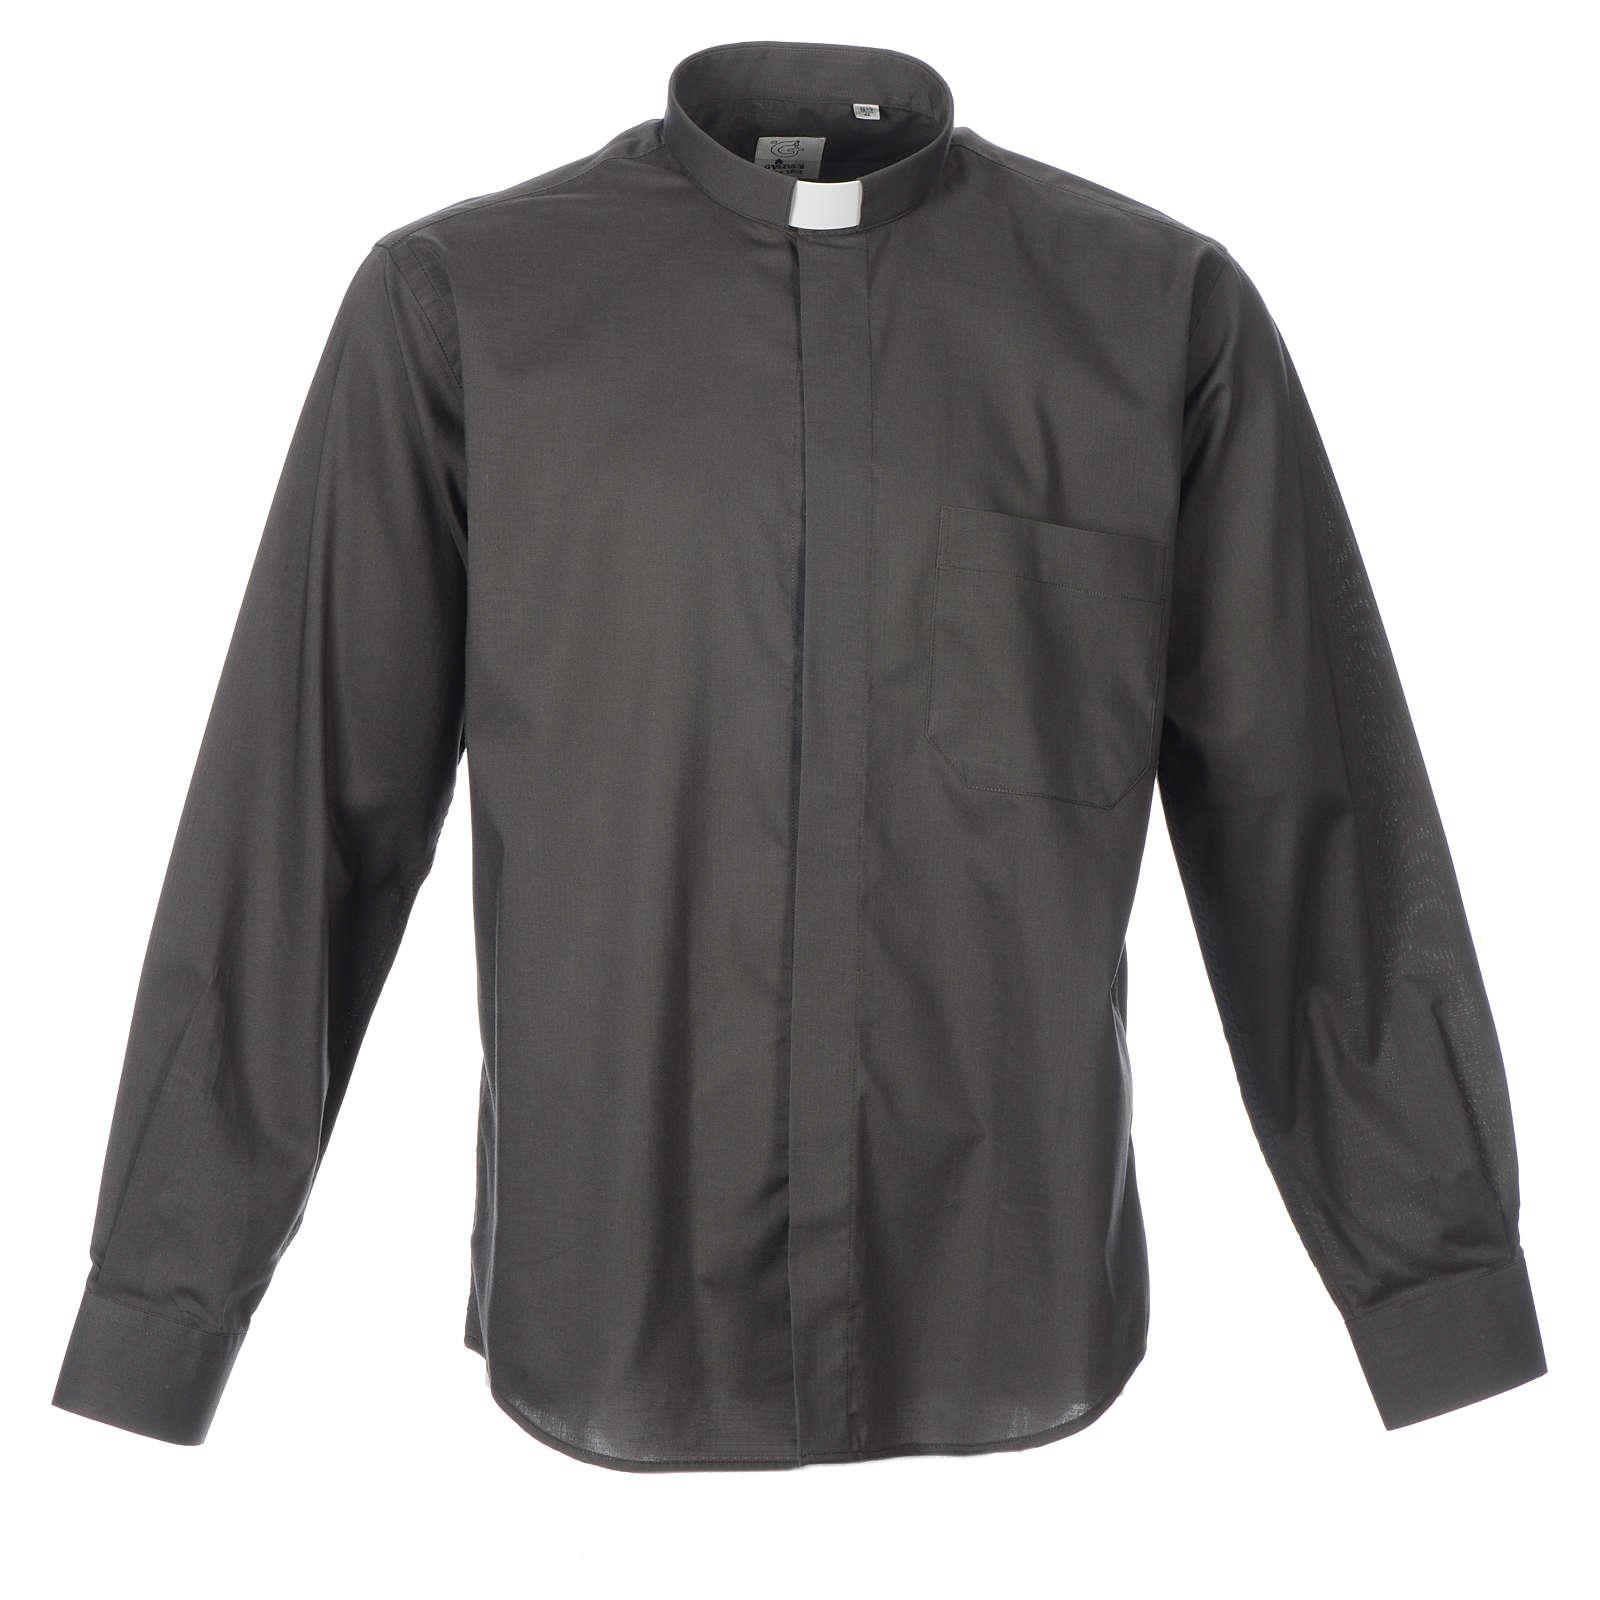 STOCK Camicia clergyman manica lunga misto grigio scuro 4